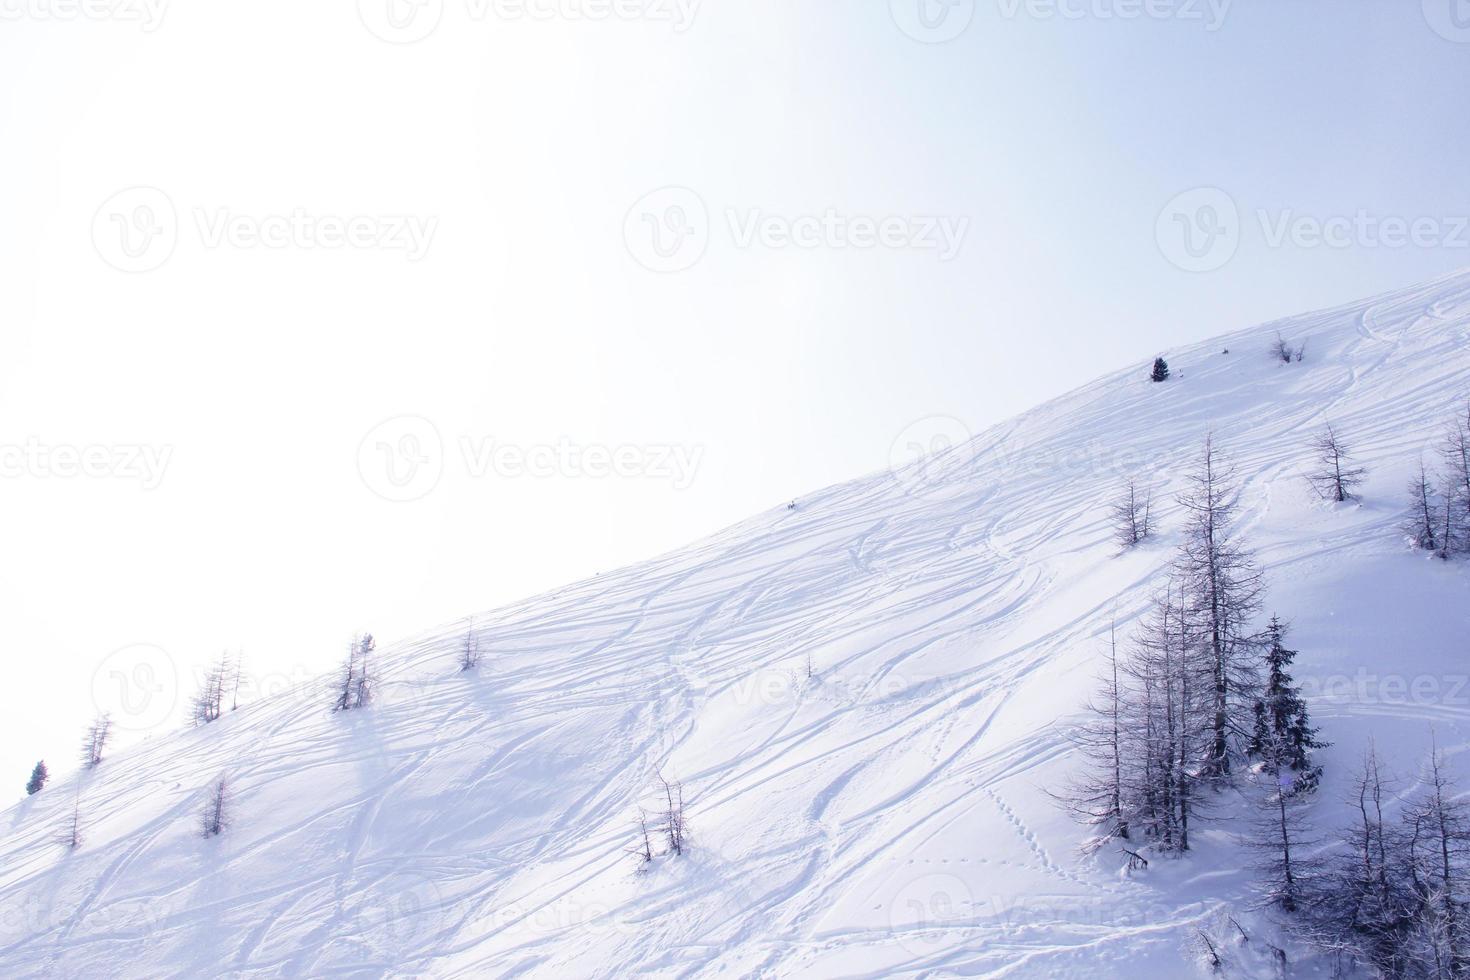 Piste mit Skispuren foto